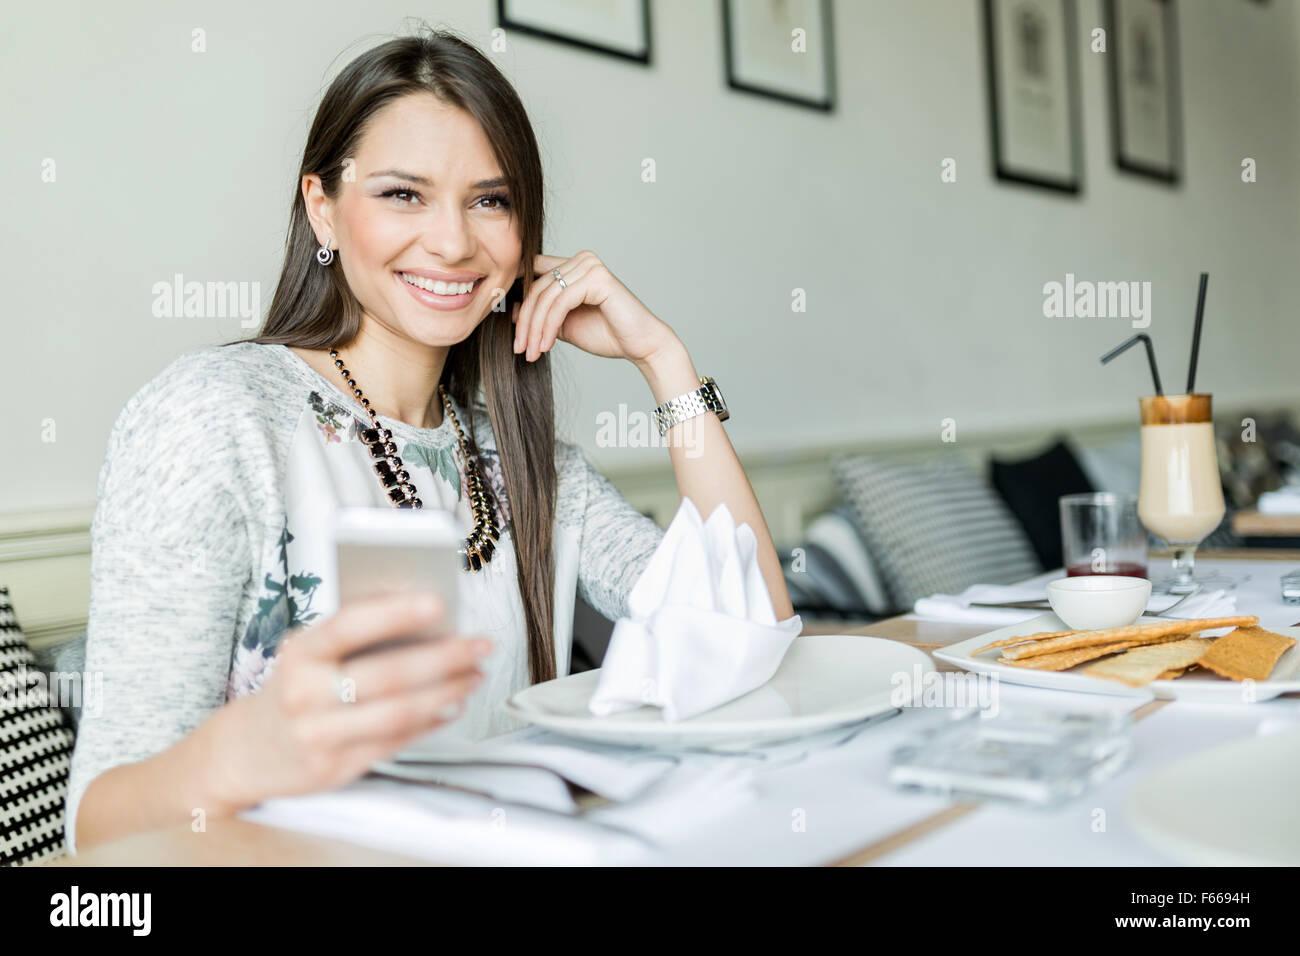 Bella signora sorridente seduto in un ristorante a un tavolo e tenendo premuto il suo telefono cellulare Immagini Stock